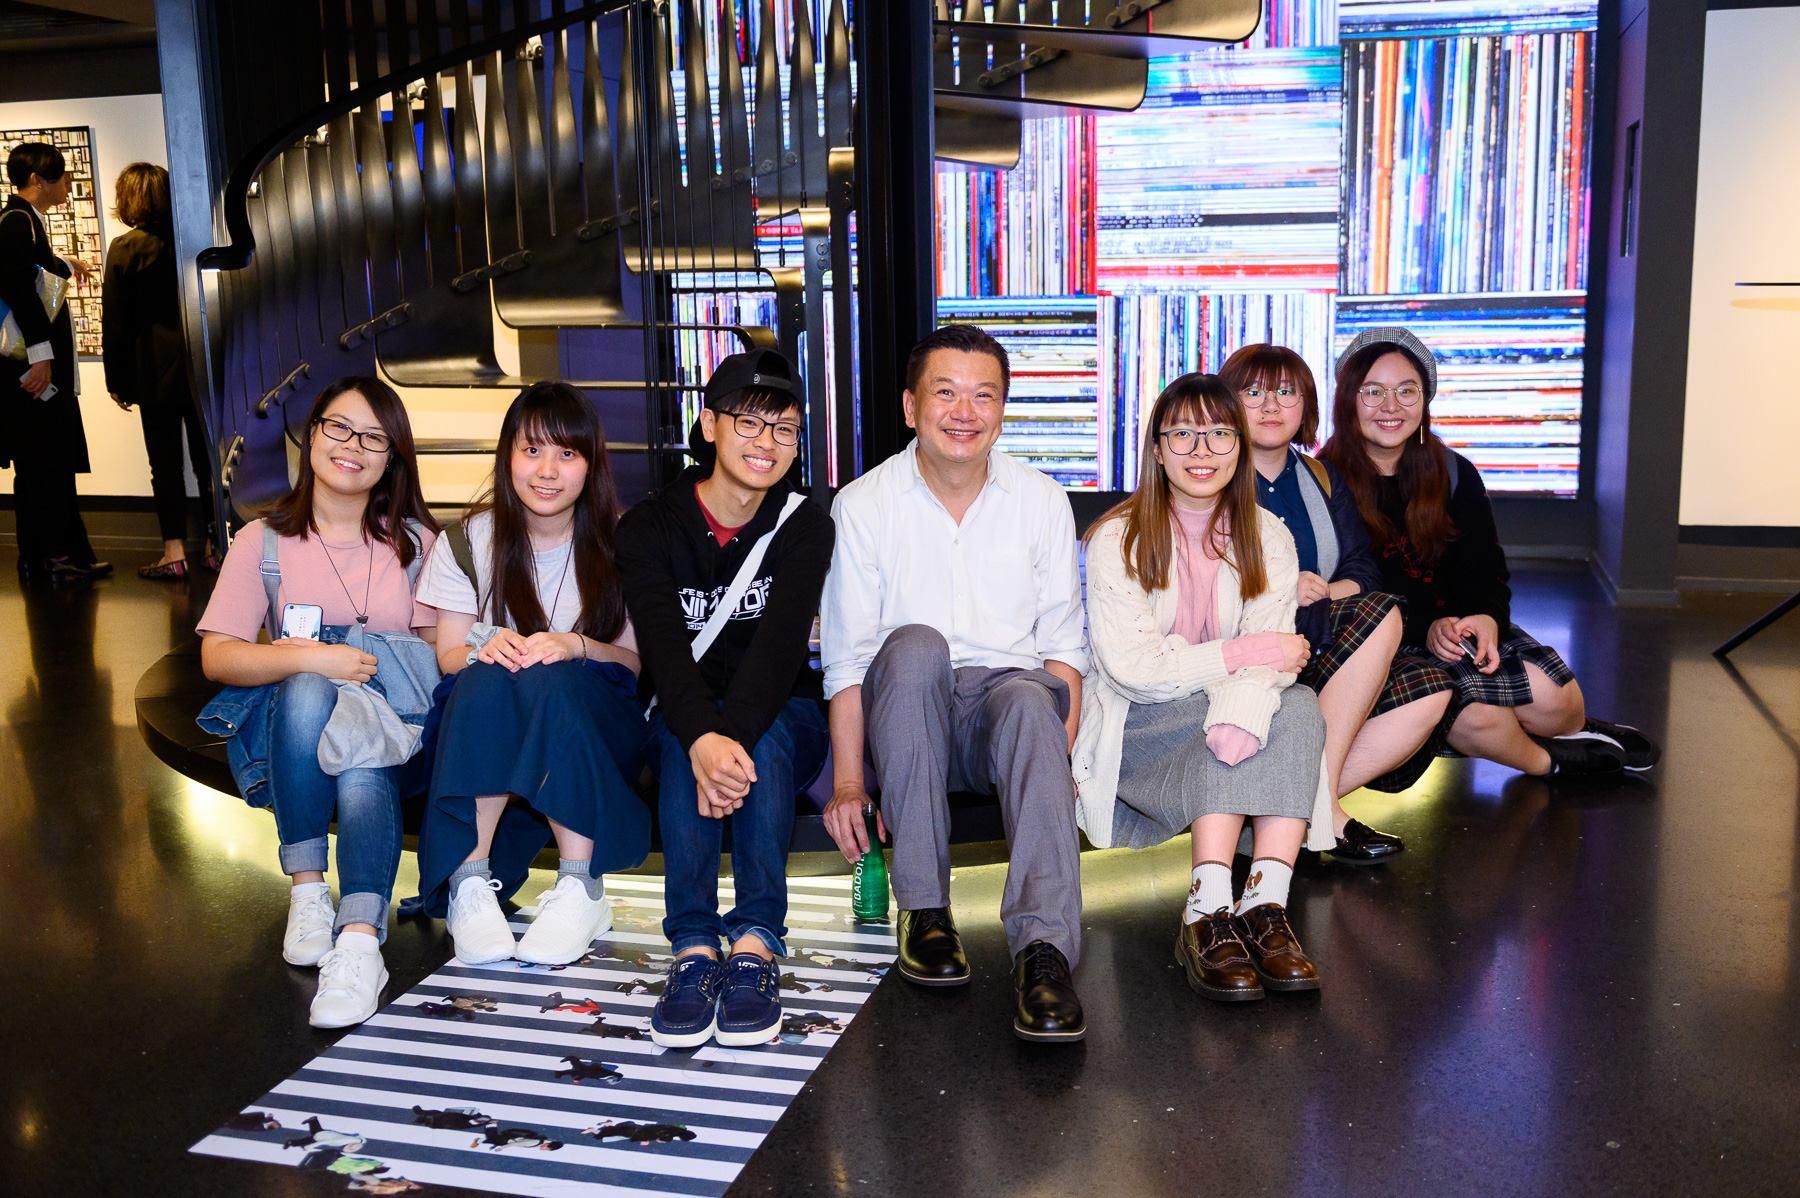 這次跟Wing Chan 合作的過程愉快,其中一個原因是Wing 很喜歡跟同學們分享和交流。(攝於Urbanmontage 展覽開幕酒會)